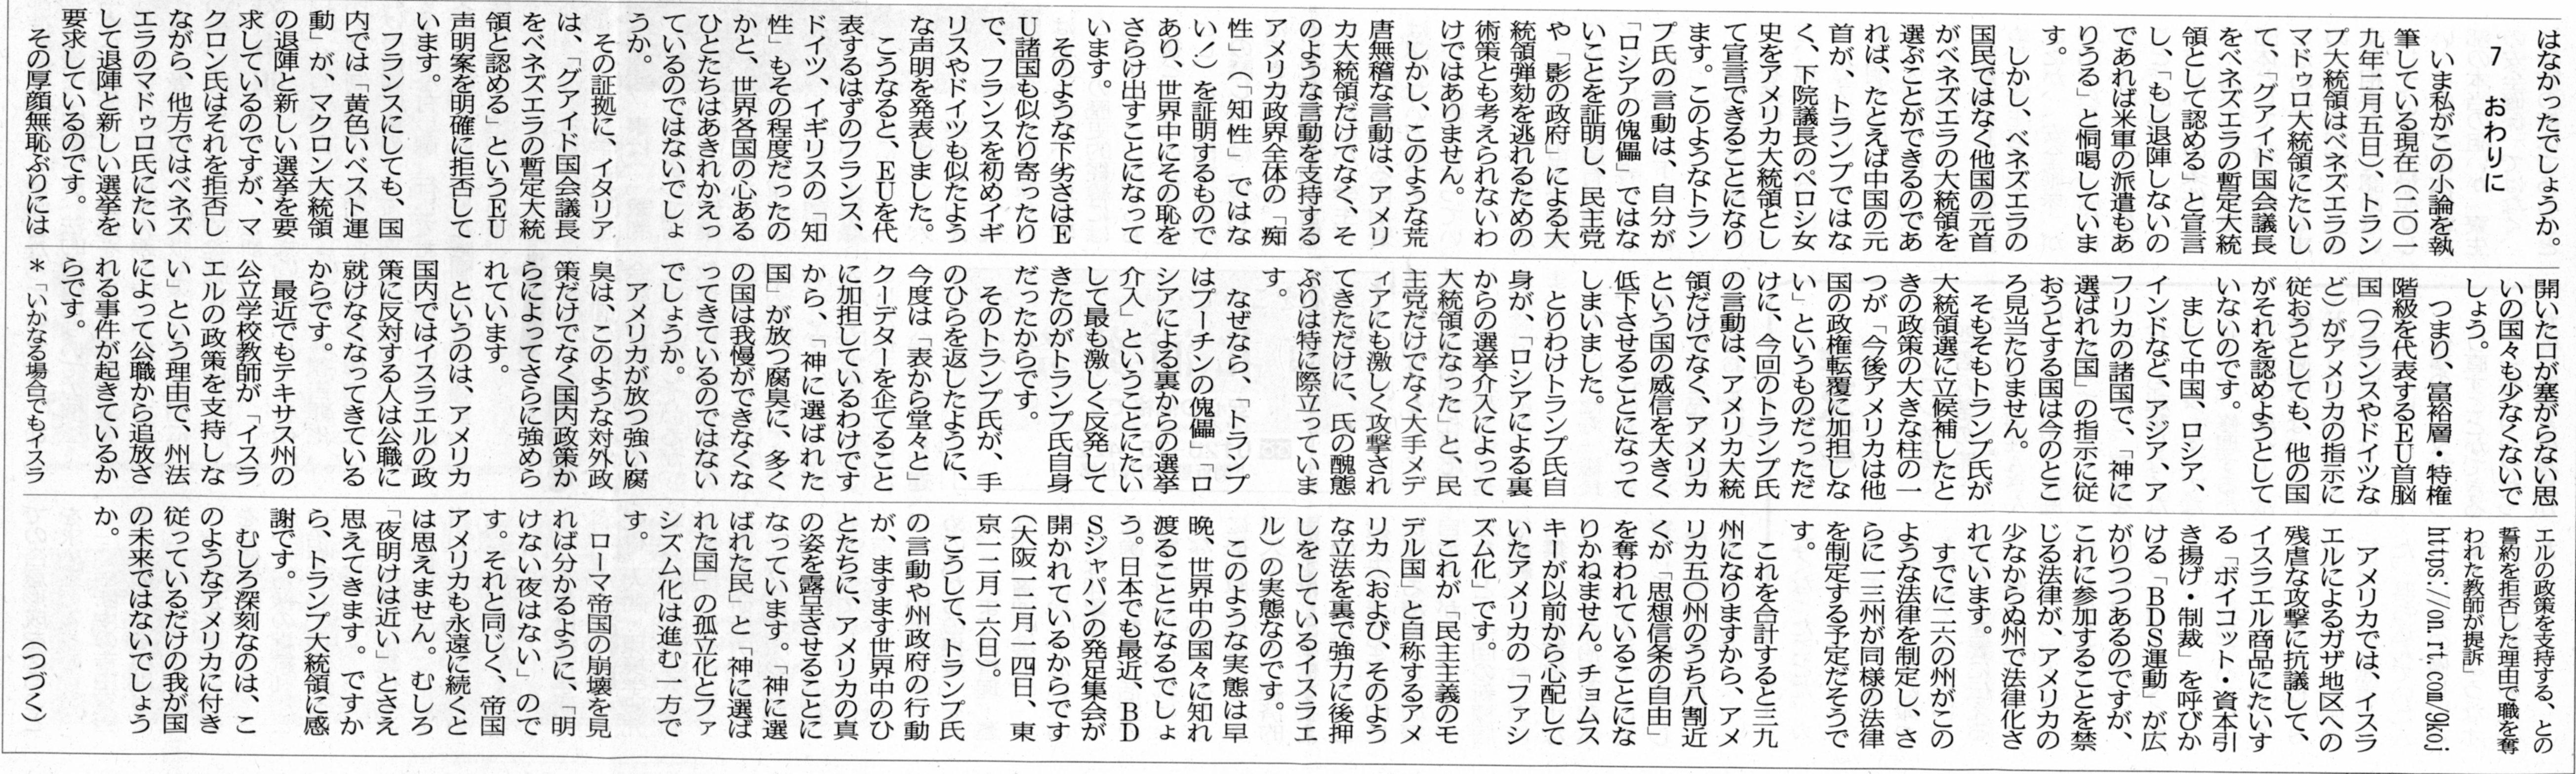 長州新聞20190210神に選ばれた国と神に選ばれた民に未来はあるか⑧226